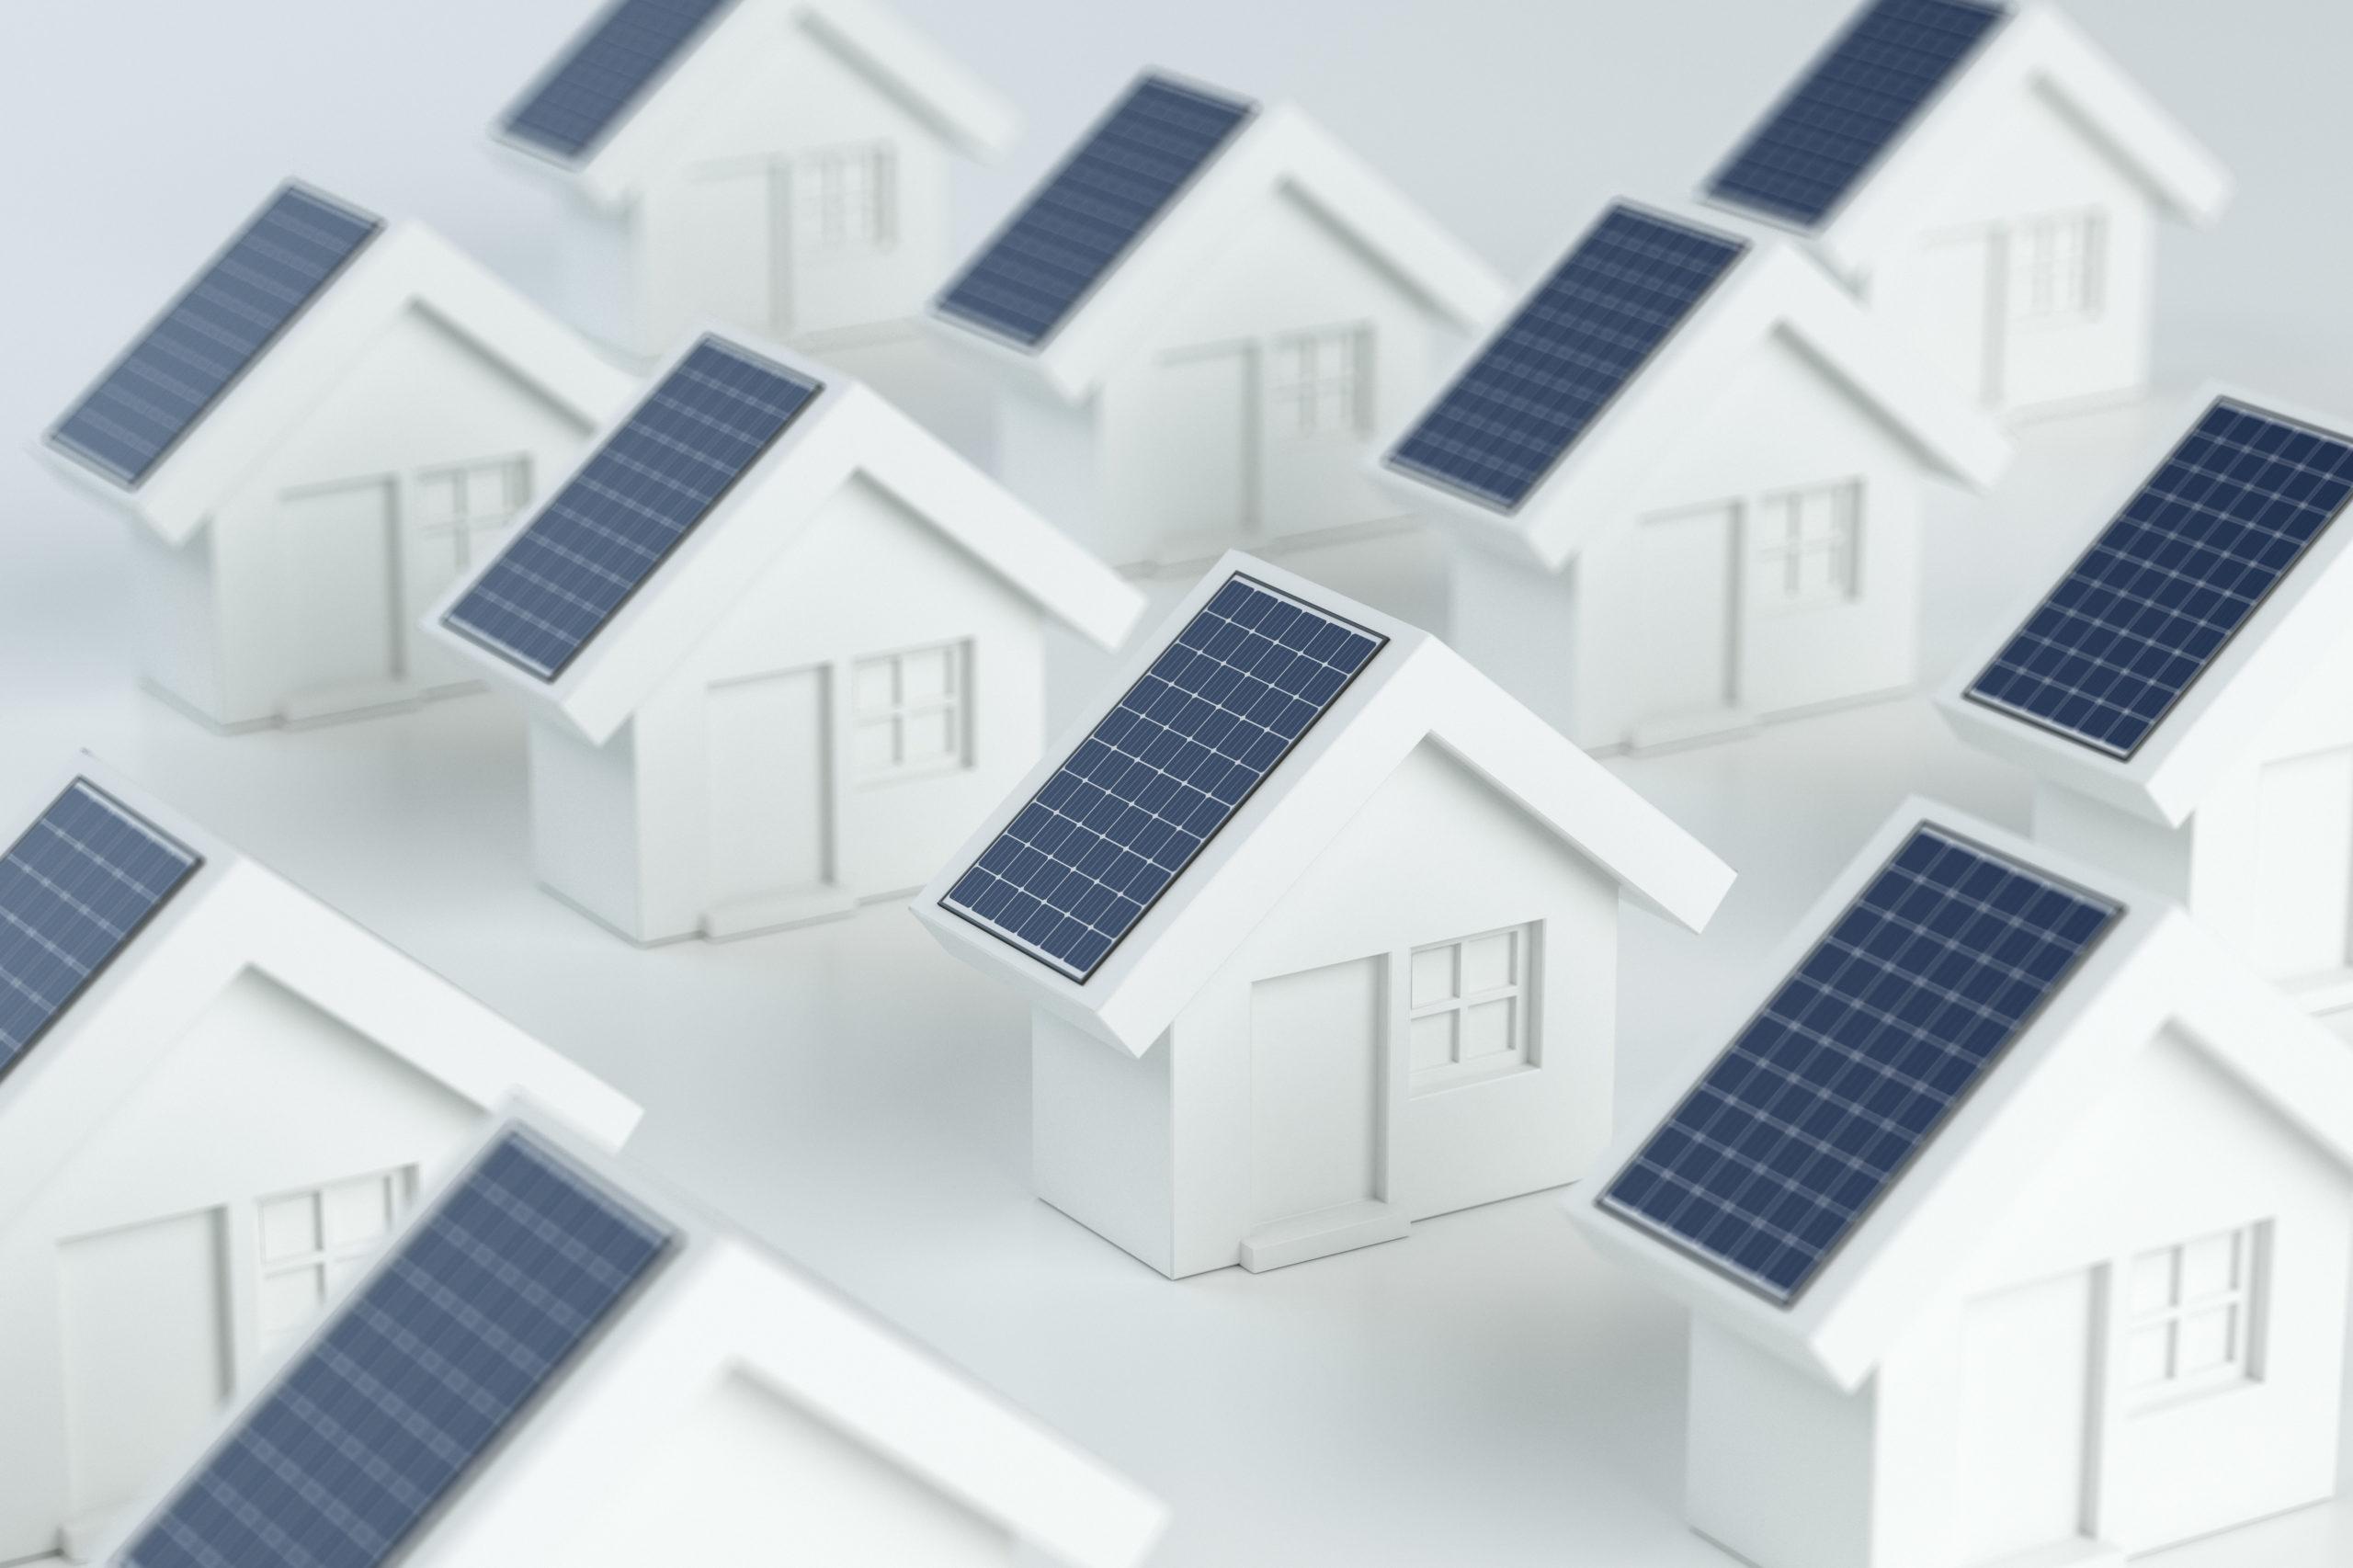 Nie będzie kontynuacji programu Słoneczne Dachy. W planie nowe pilotaże